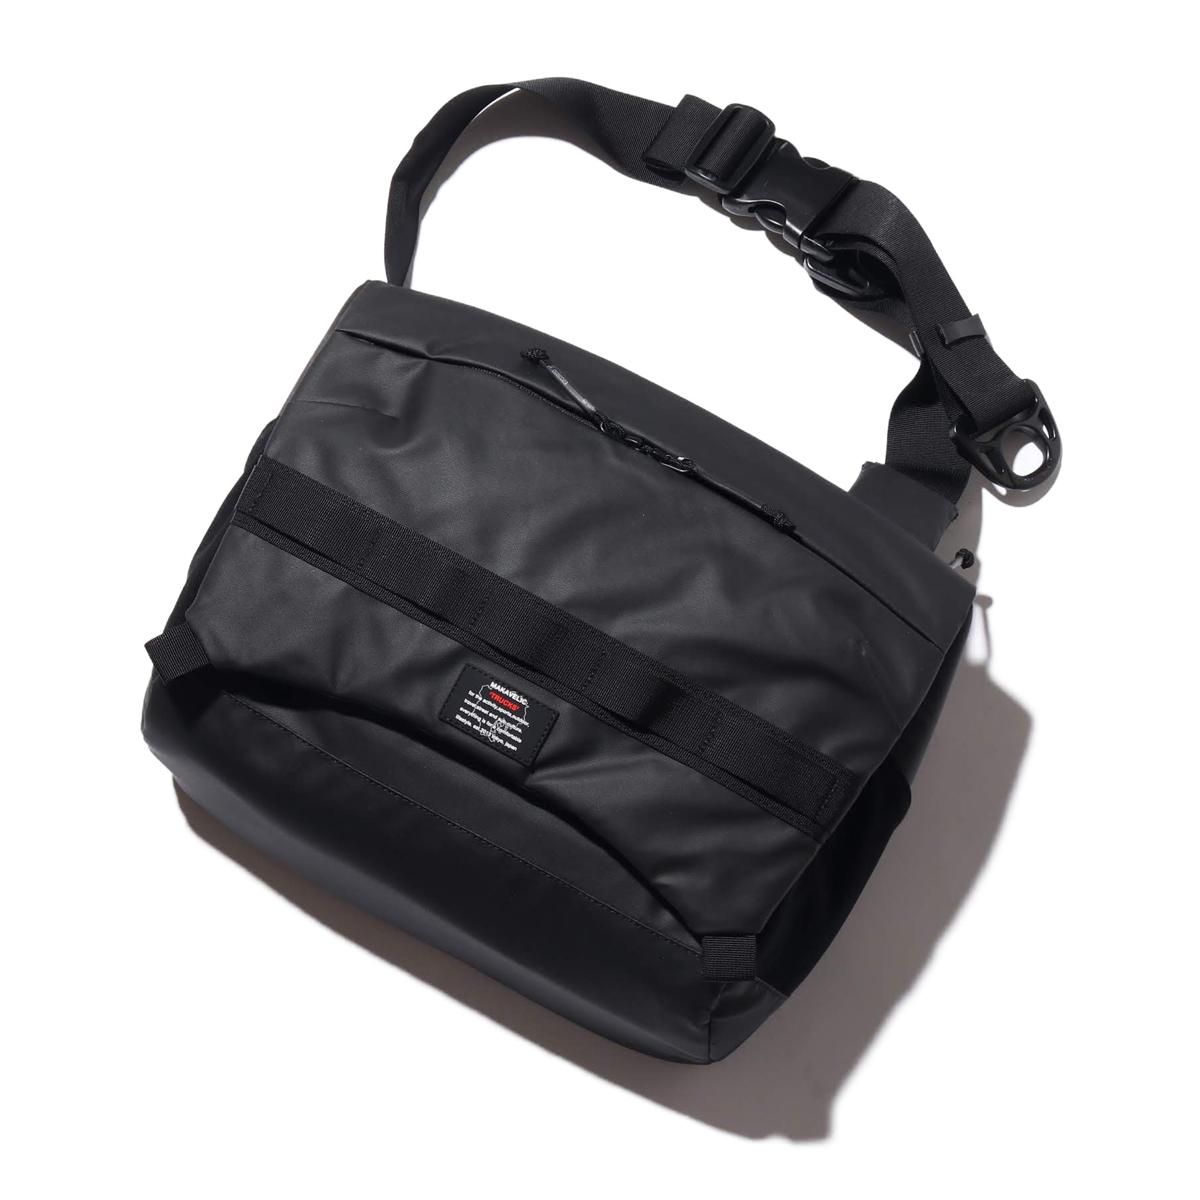 【エントリーで全品10倍】MAKAVELIC RAISE SHOULDER BAG(マキャベリック レイズ ショルダーバッグ)BLACK【メンズ ショルダーバッグ】19FA-I